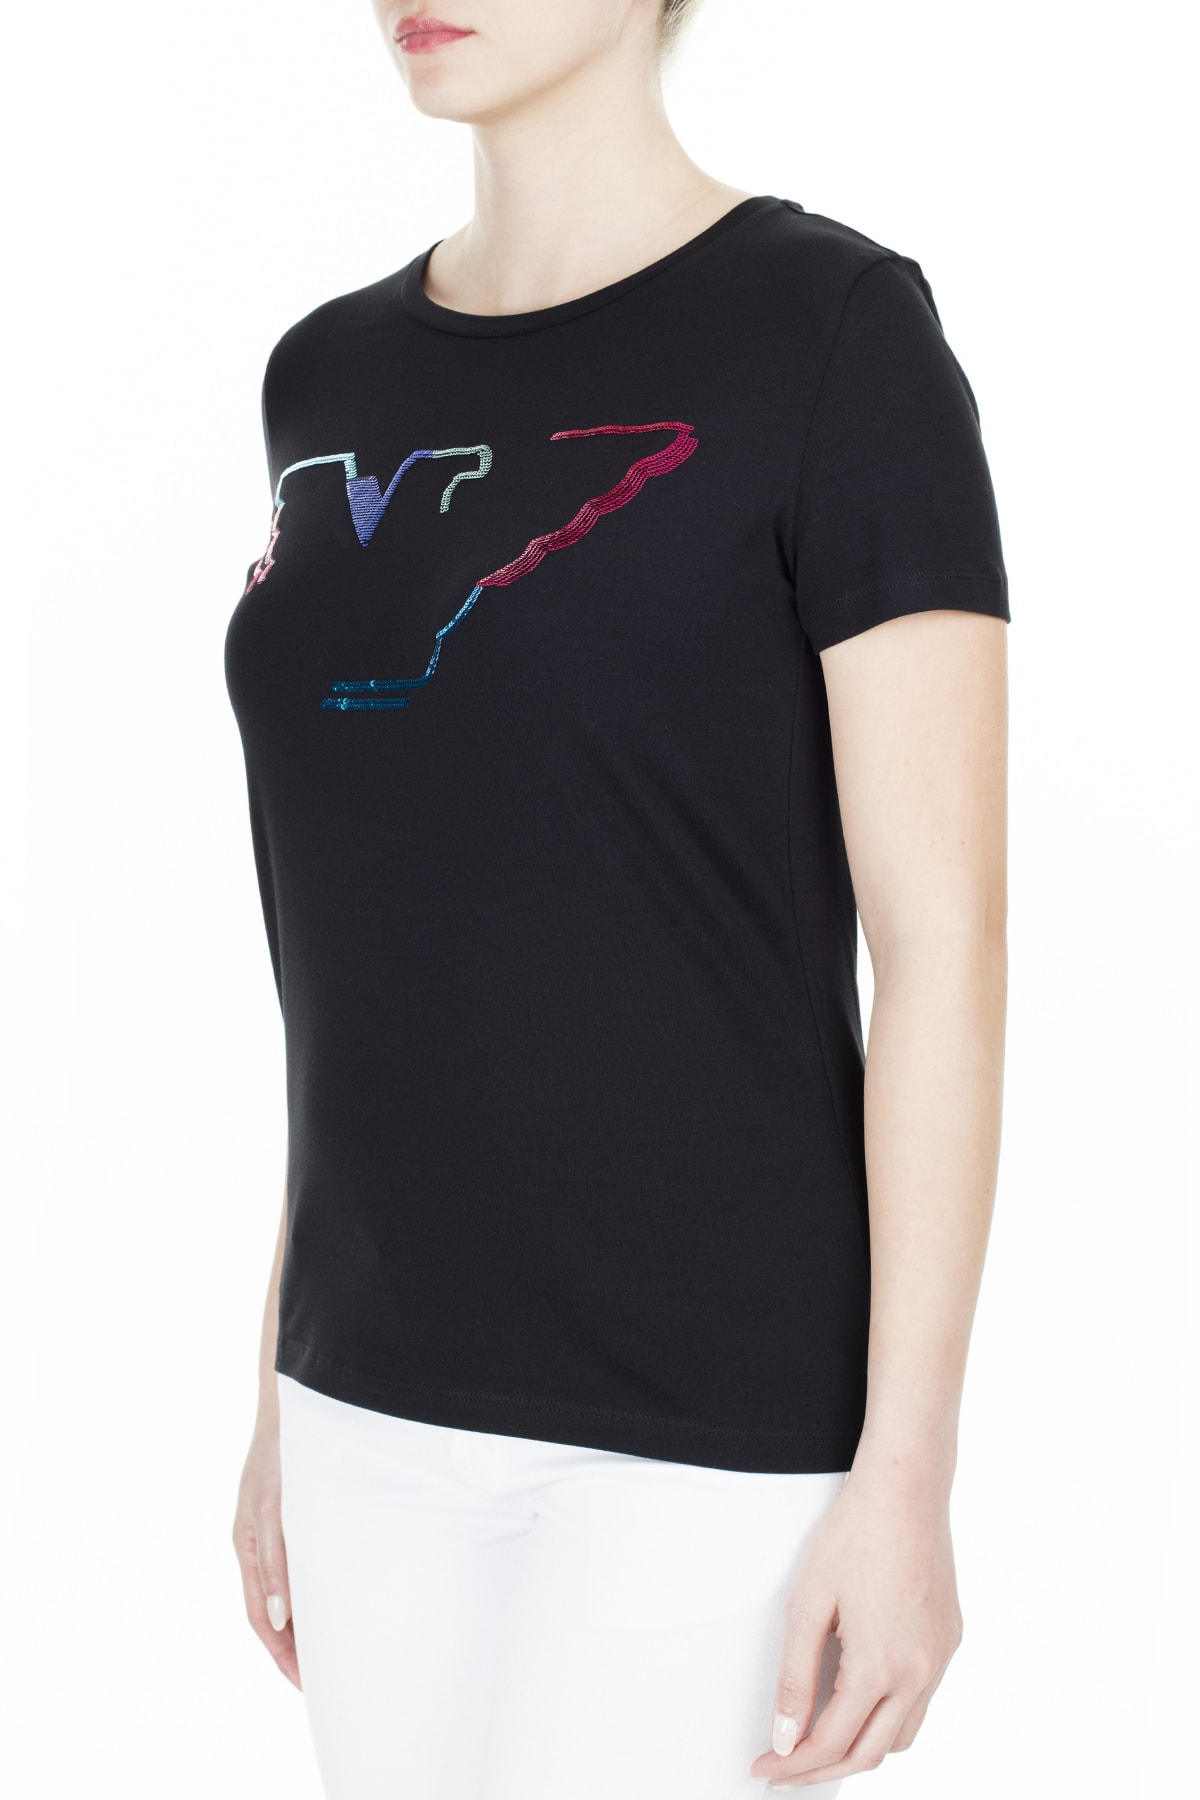 Emporio Armani Kadın Siyah T-Shirt 3H2T6C 2Jqaz 0999 2